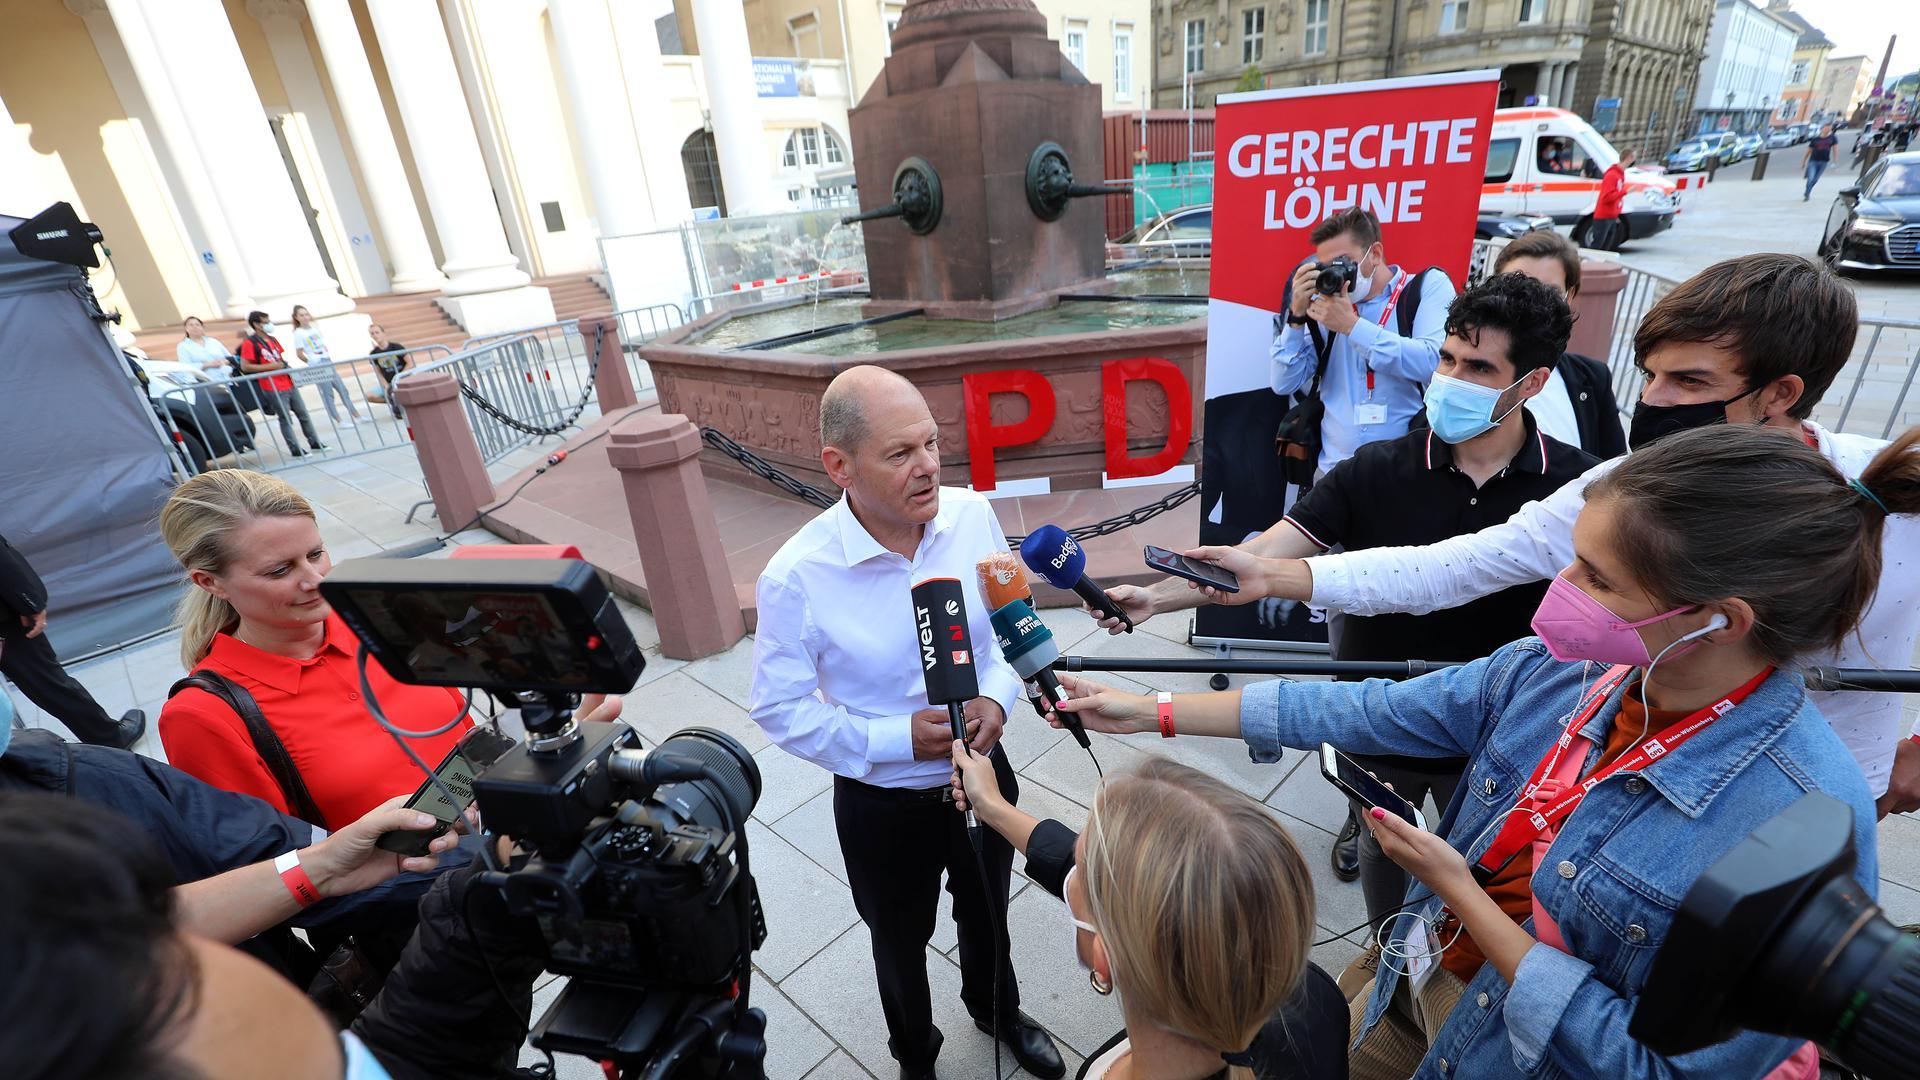 Gefragter Gesprächspartner: Im sonst eher mäßig spannenden Wahlkampf sorgt der steile Aufstieg des SPD-Kanzlerkandidaten Olaf Scholz in de Umfragen gerade für großes Medieninteresse.